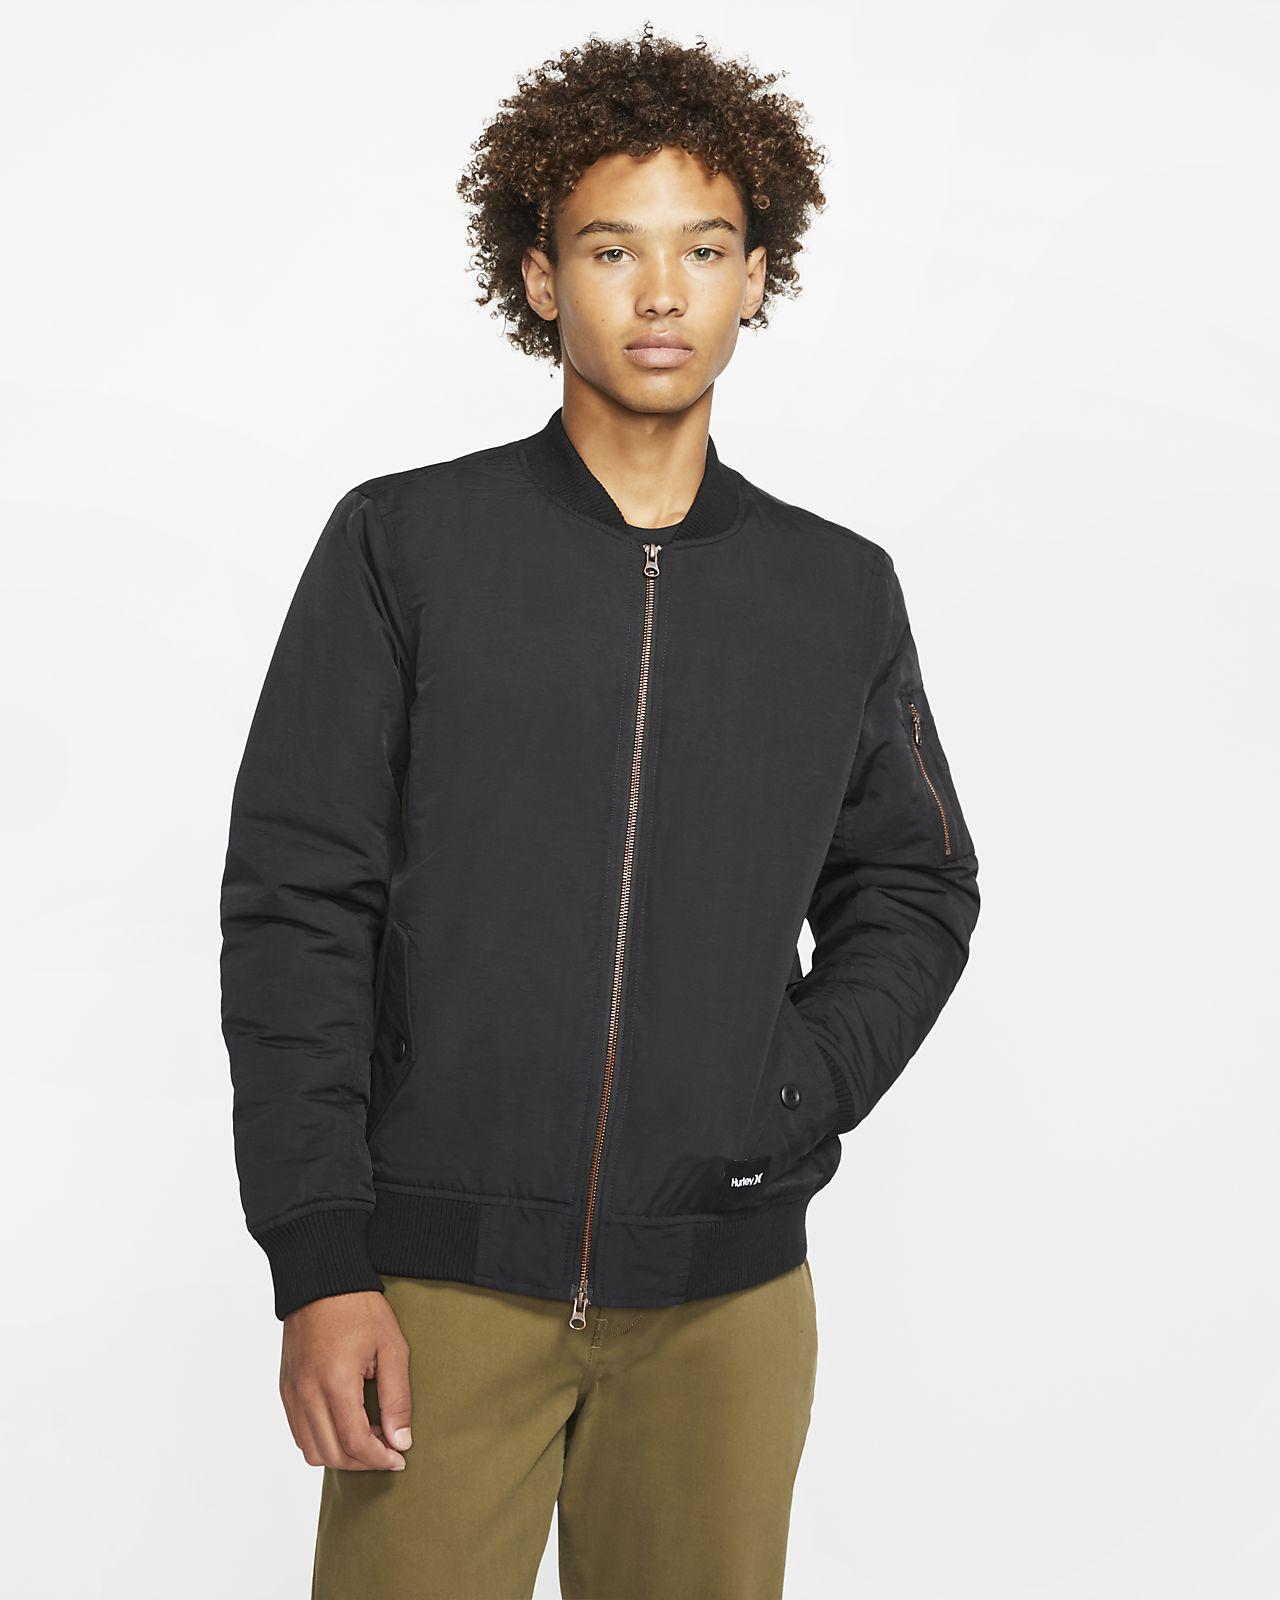 Hurley Bomber Men's Jacket